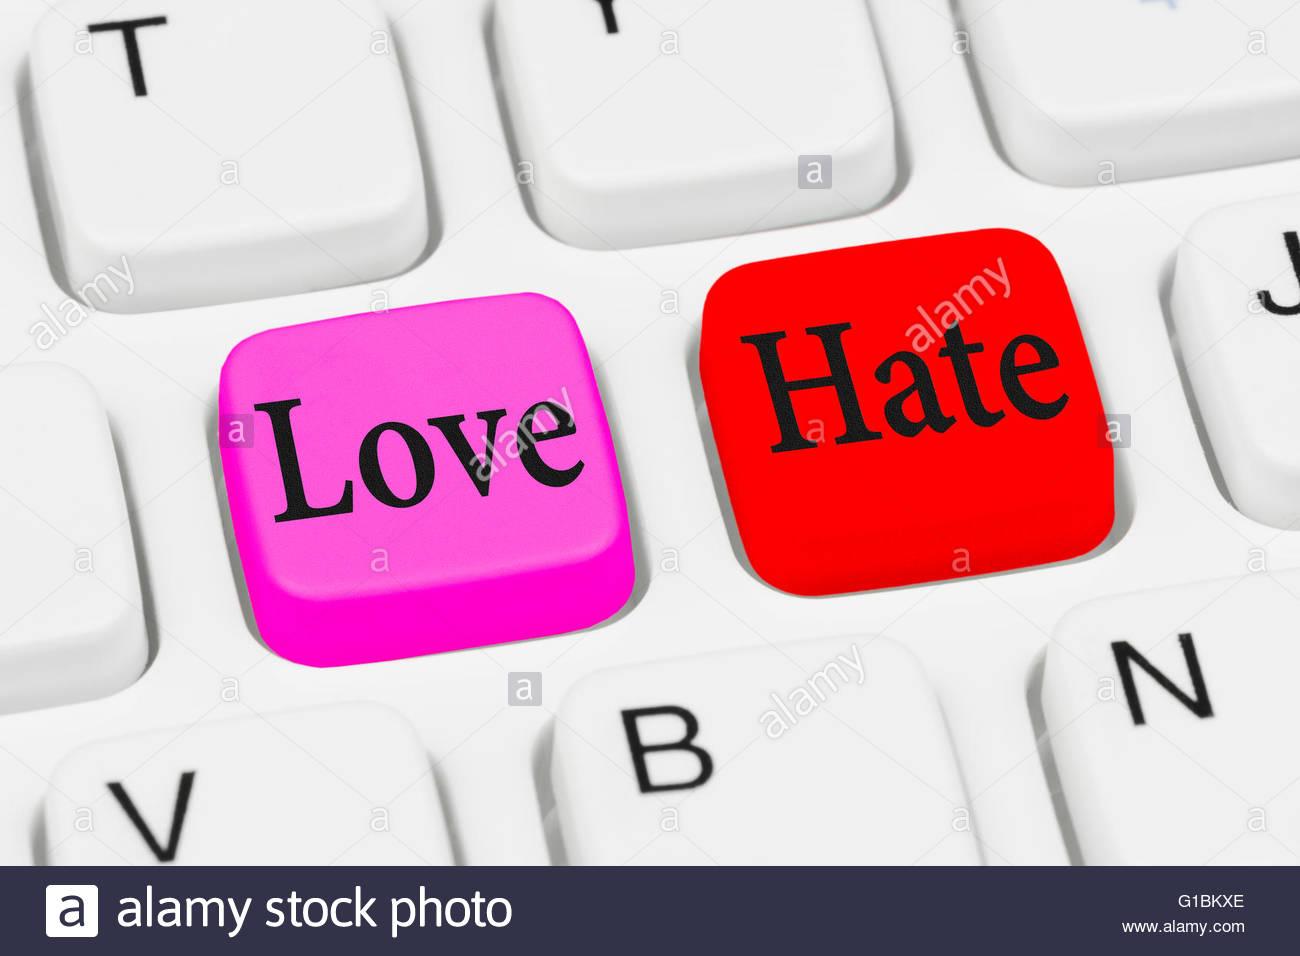 El amor o el odio teclas en un teclado de ordenador. Imagen De Stock